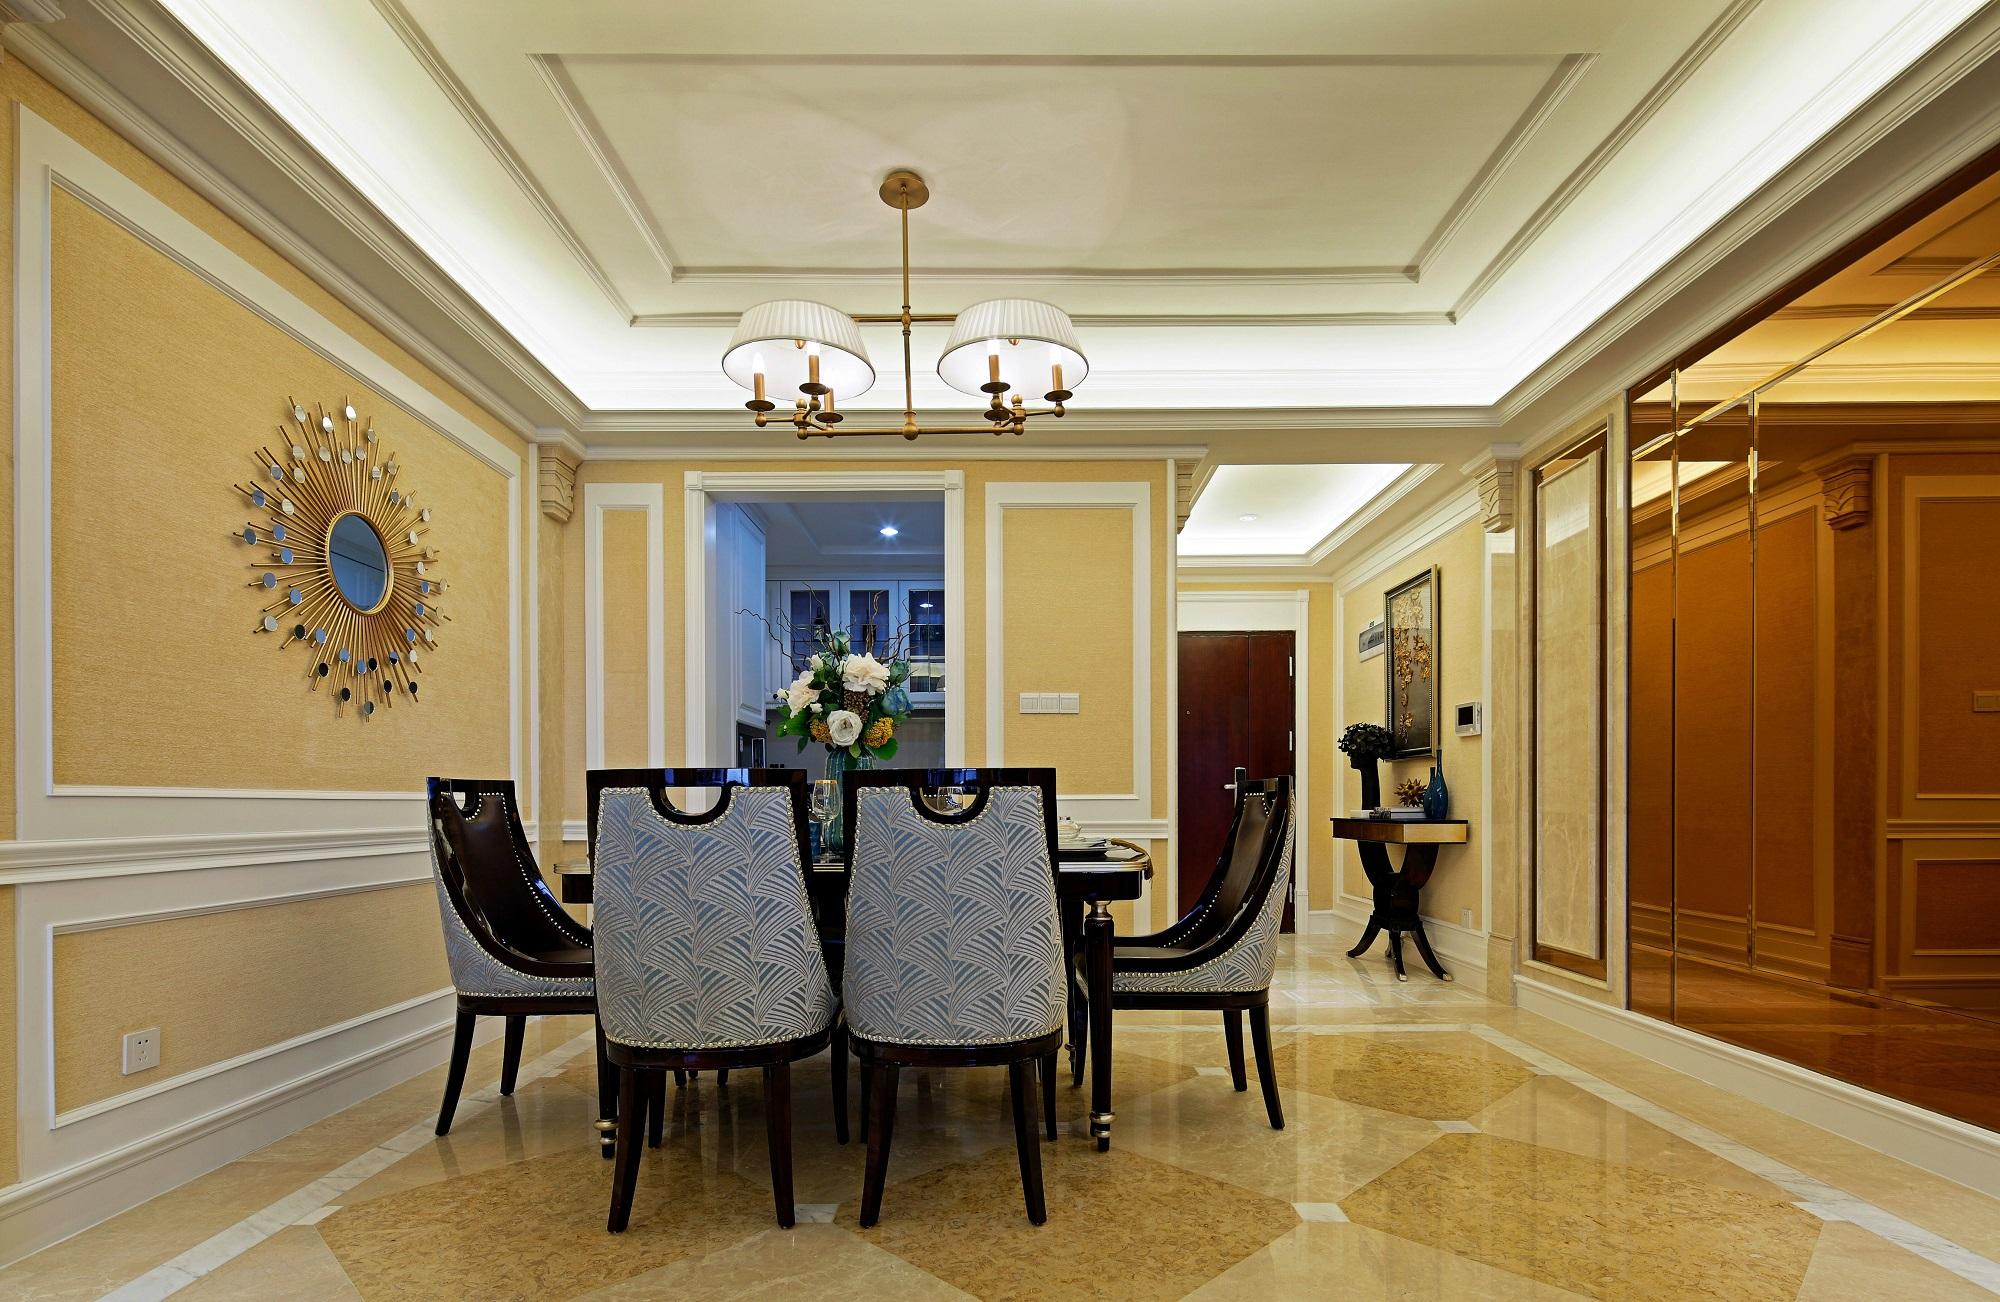 餐厅古典浪漫与时尚现代相结合,颇有设计的吊灯光线柔和,营造极为舒适的就餐环境。